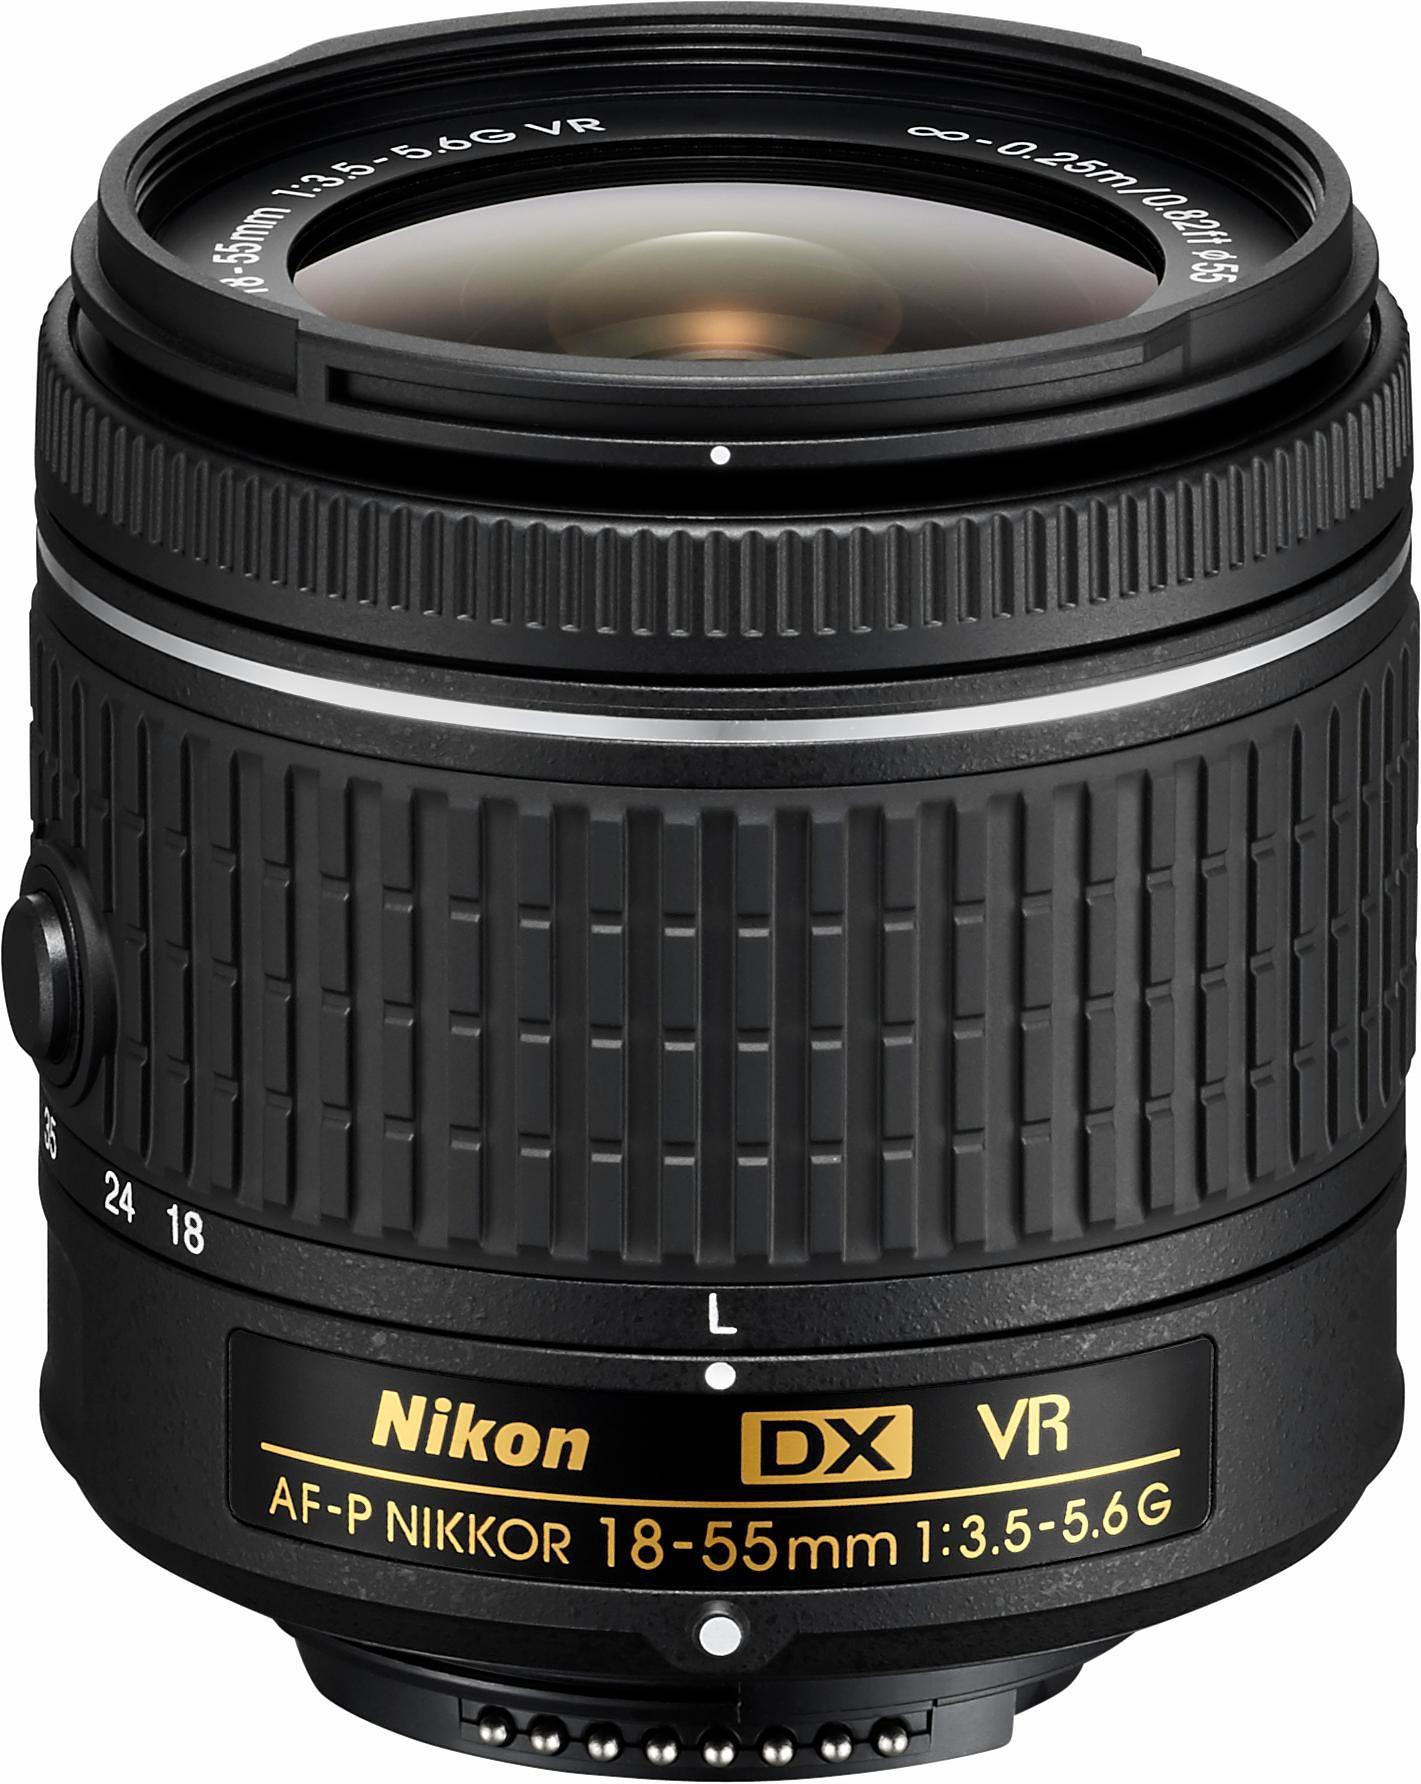 Nikon AF-P DX NIKKOR 18-55 MM 1:3,5-5,6 G VR Standardzoom Objektiv